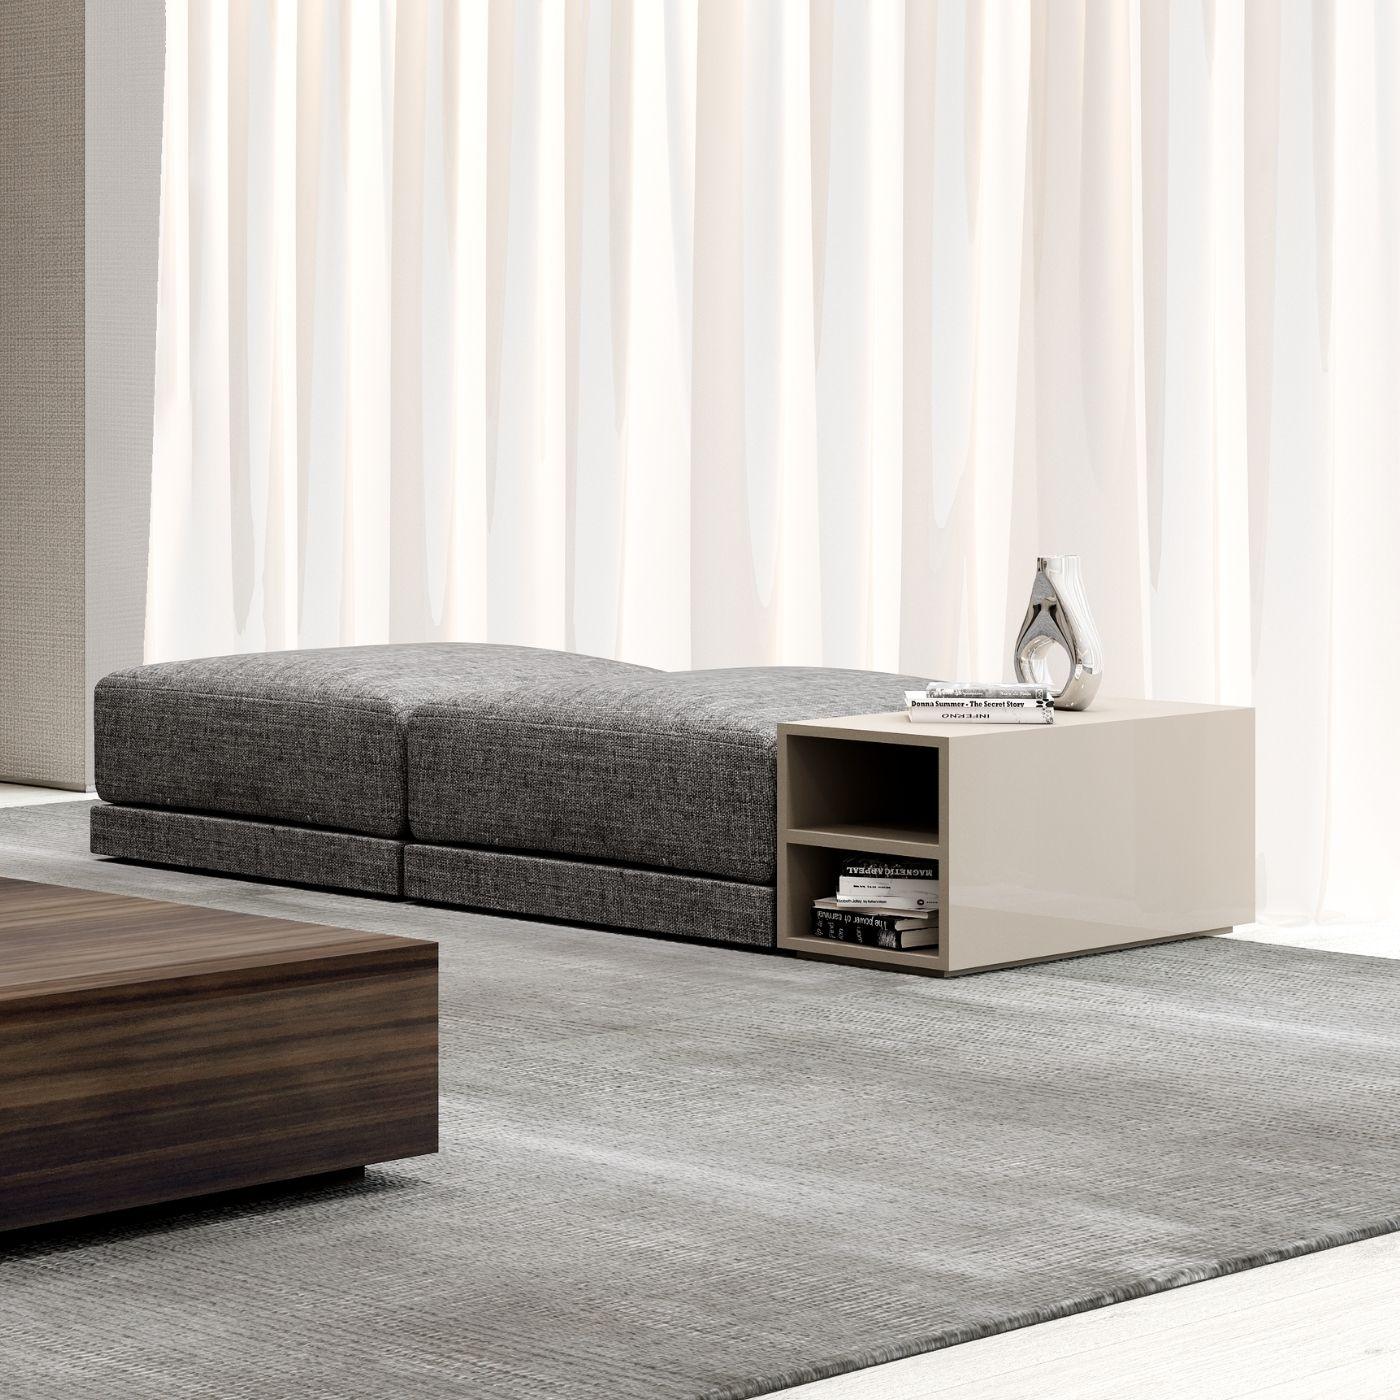 Bloco compacto de apoio a sofá